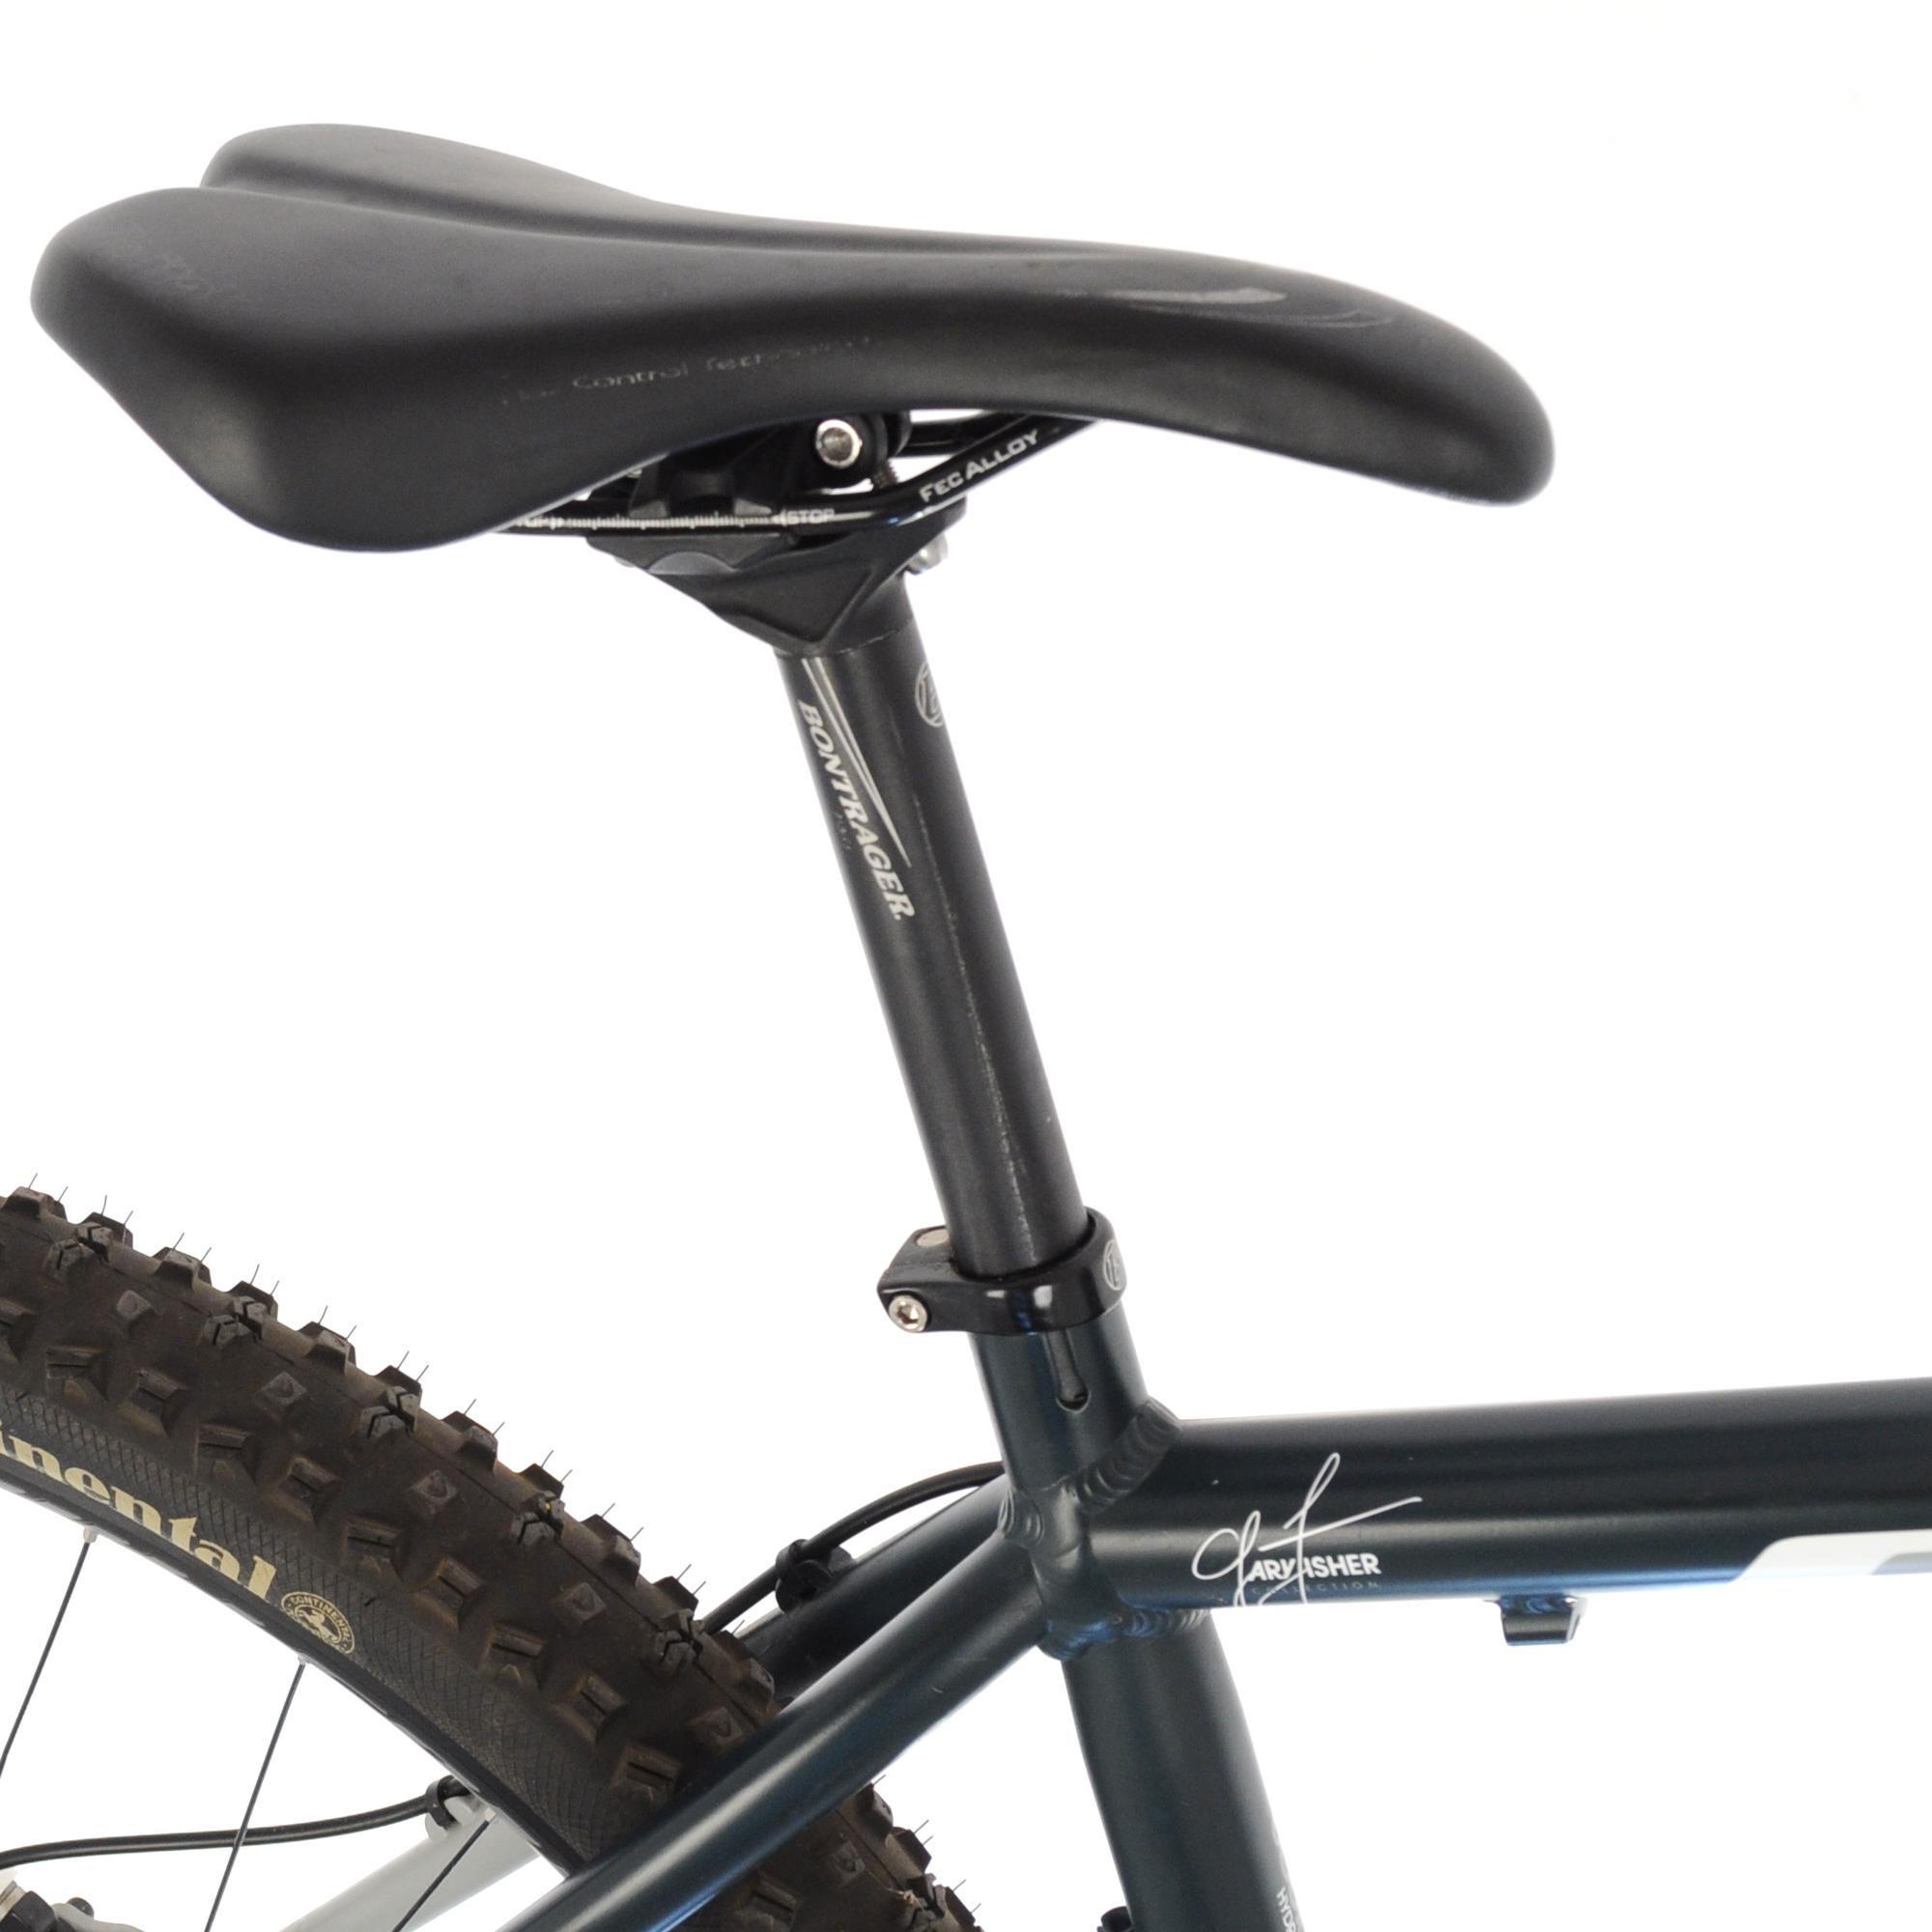 2011 Trek Bike Models: 2011 Trek Rig Single Speed 29er Mountain Bike